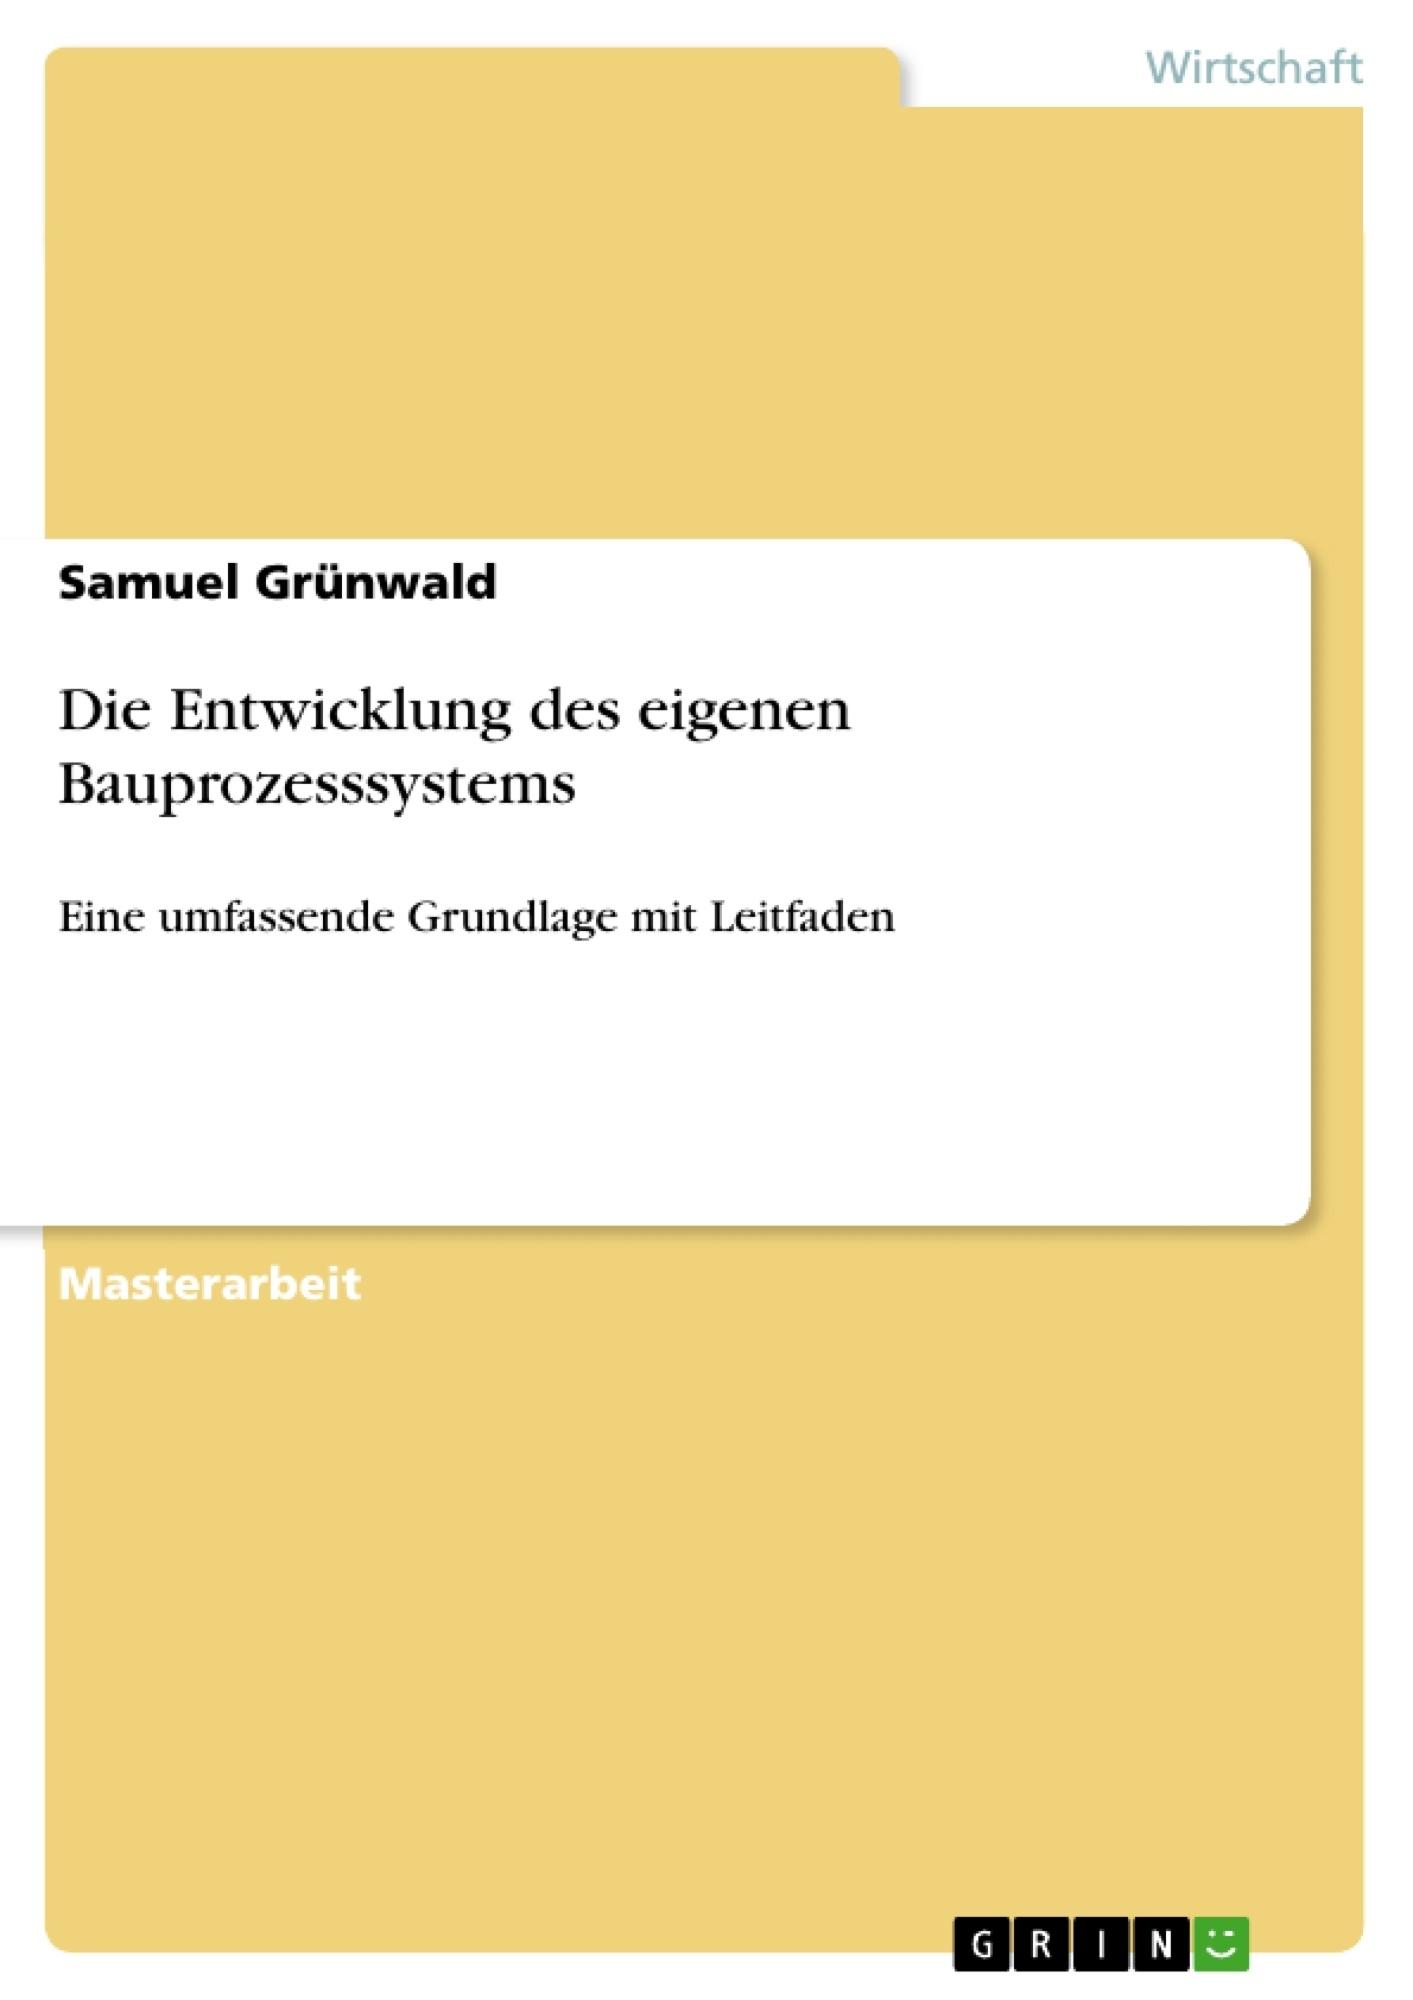 Titel: Die Entwicklung des eigenen Bauprozesssystems